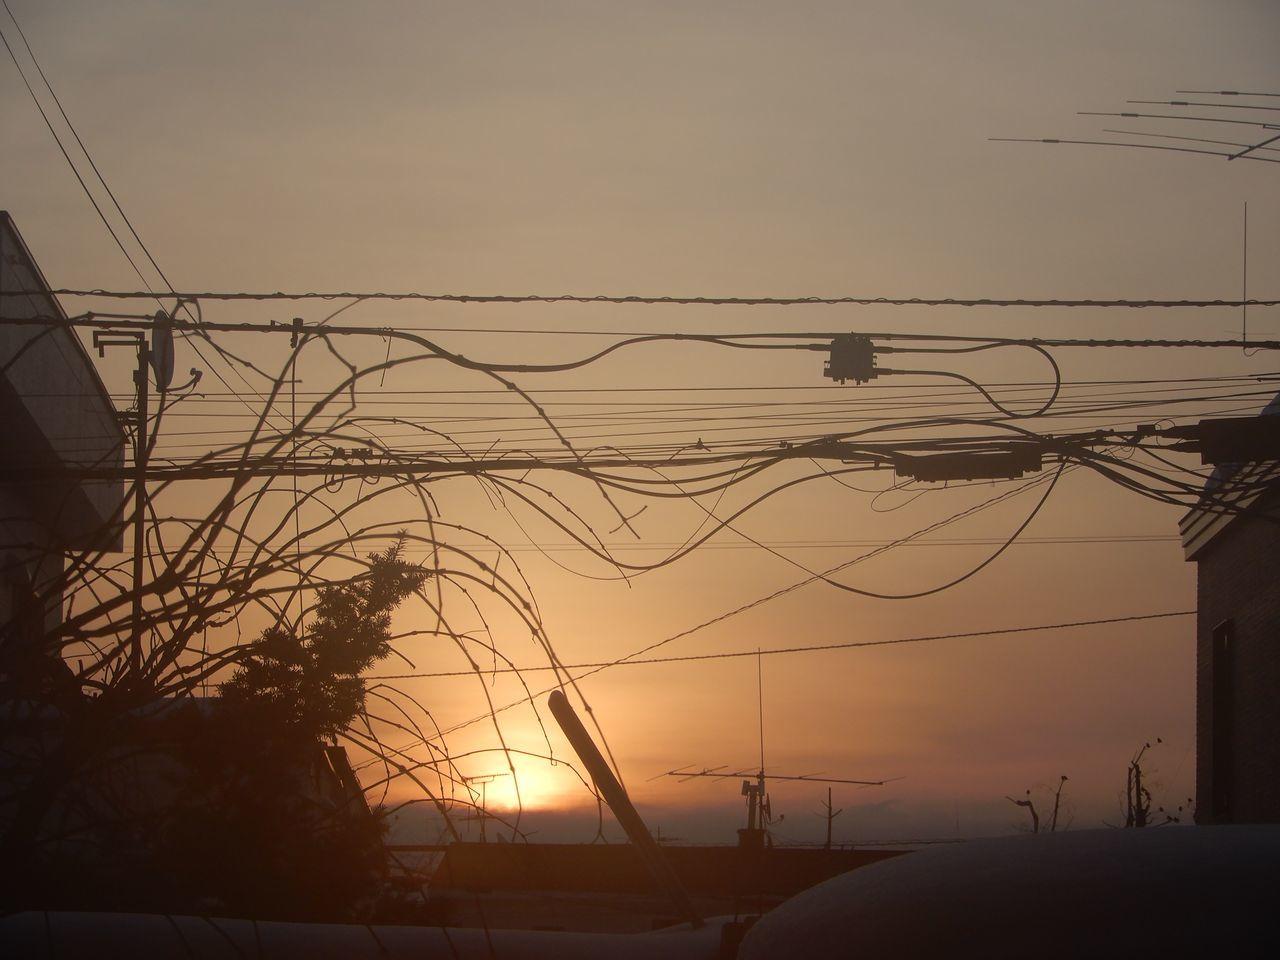 夜の10時になっても最高気温更新中_c0025115_22163057.jpg